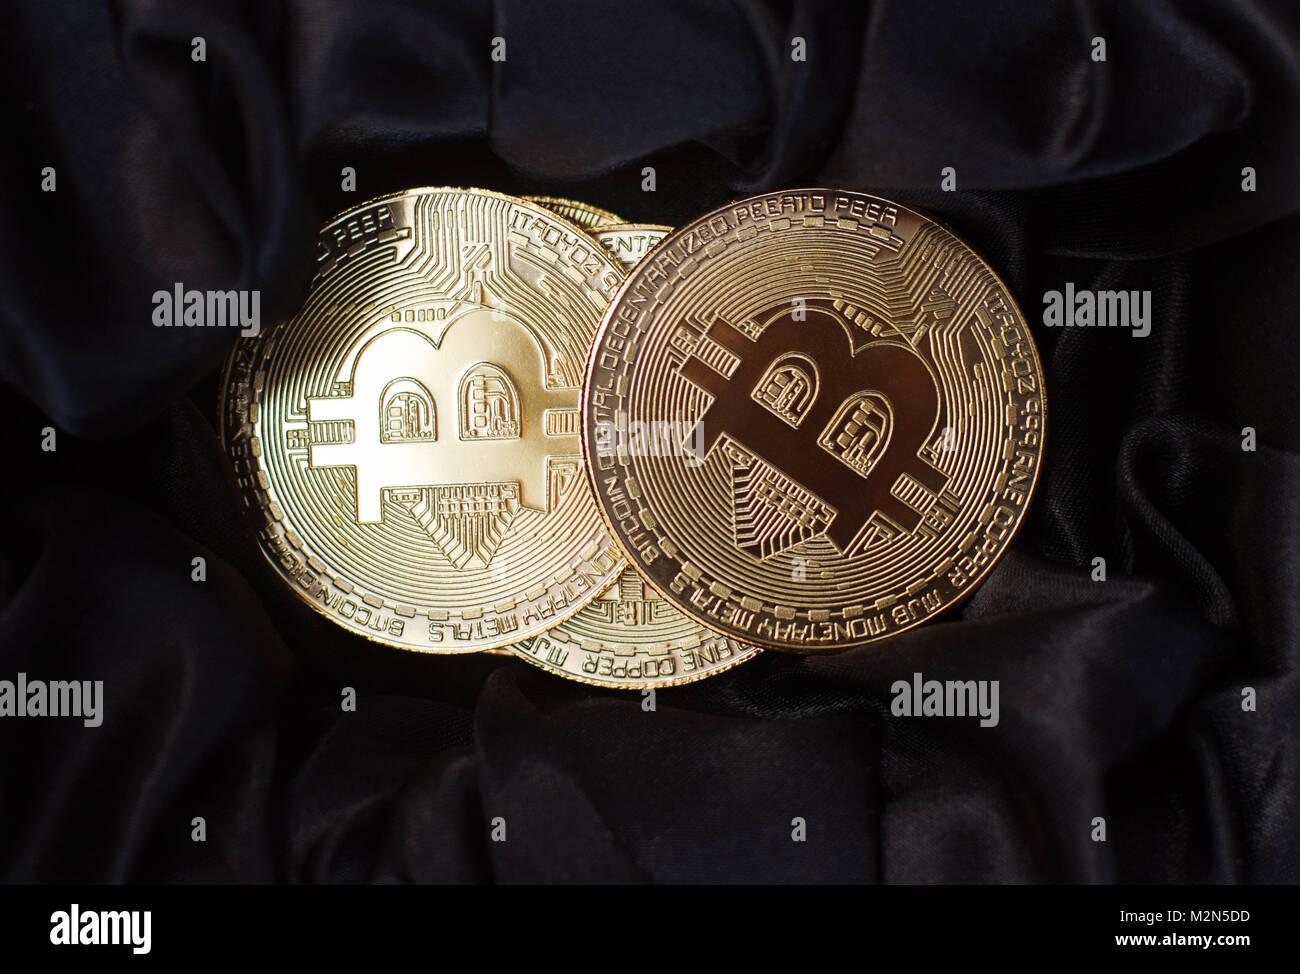 Parte superiore orizzontale Visualizza Ingrandimento di bitcoin golden monete metalliche sul velluto nero lo sfondo Immagini Stock